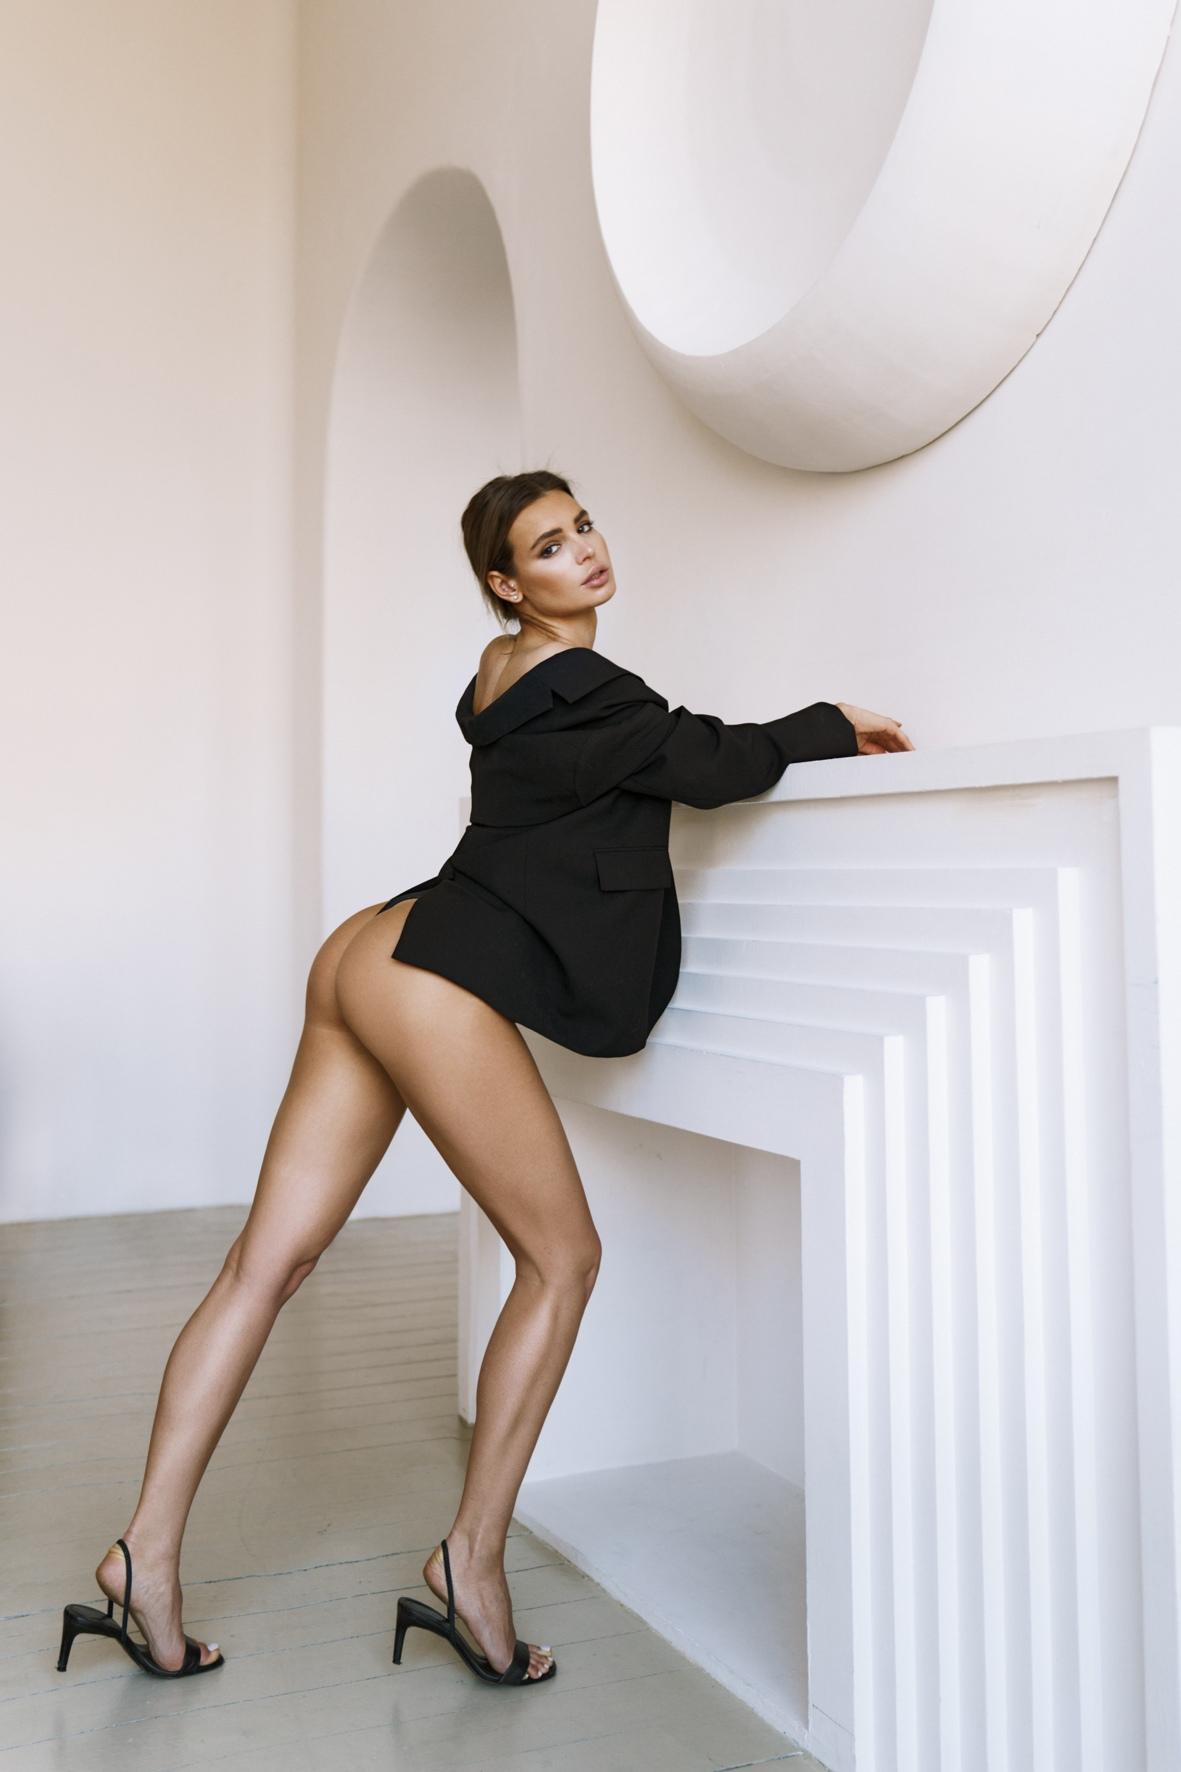 Dasha Neyolova by Vladimir Serkov